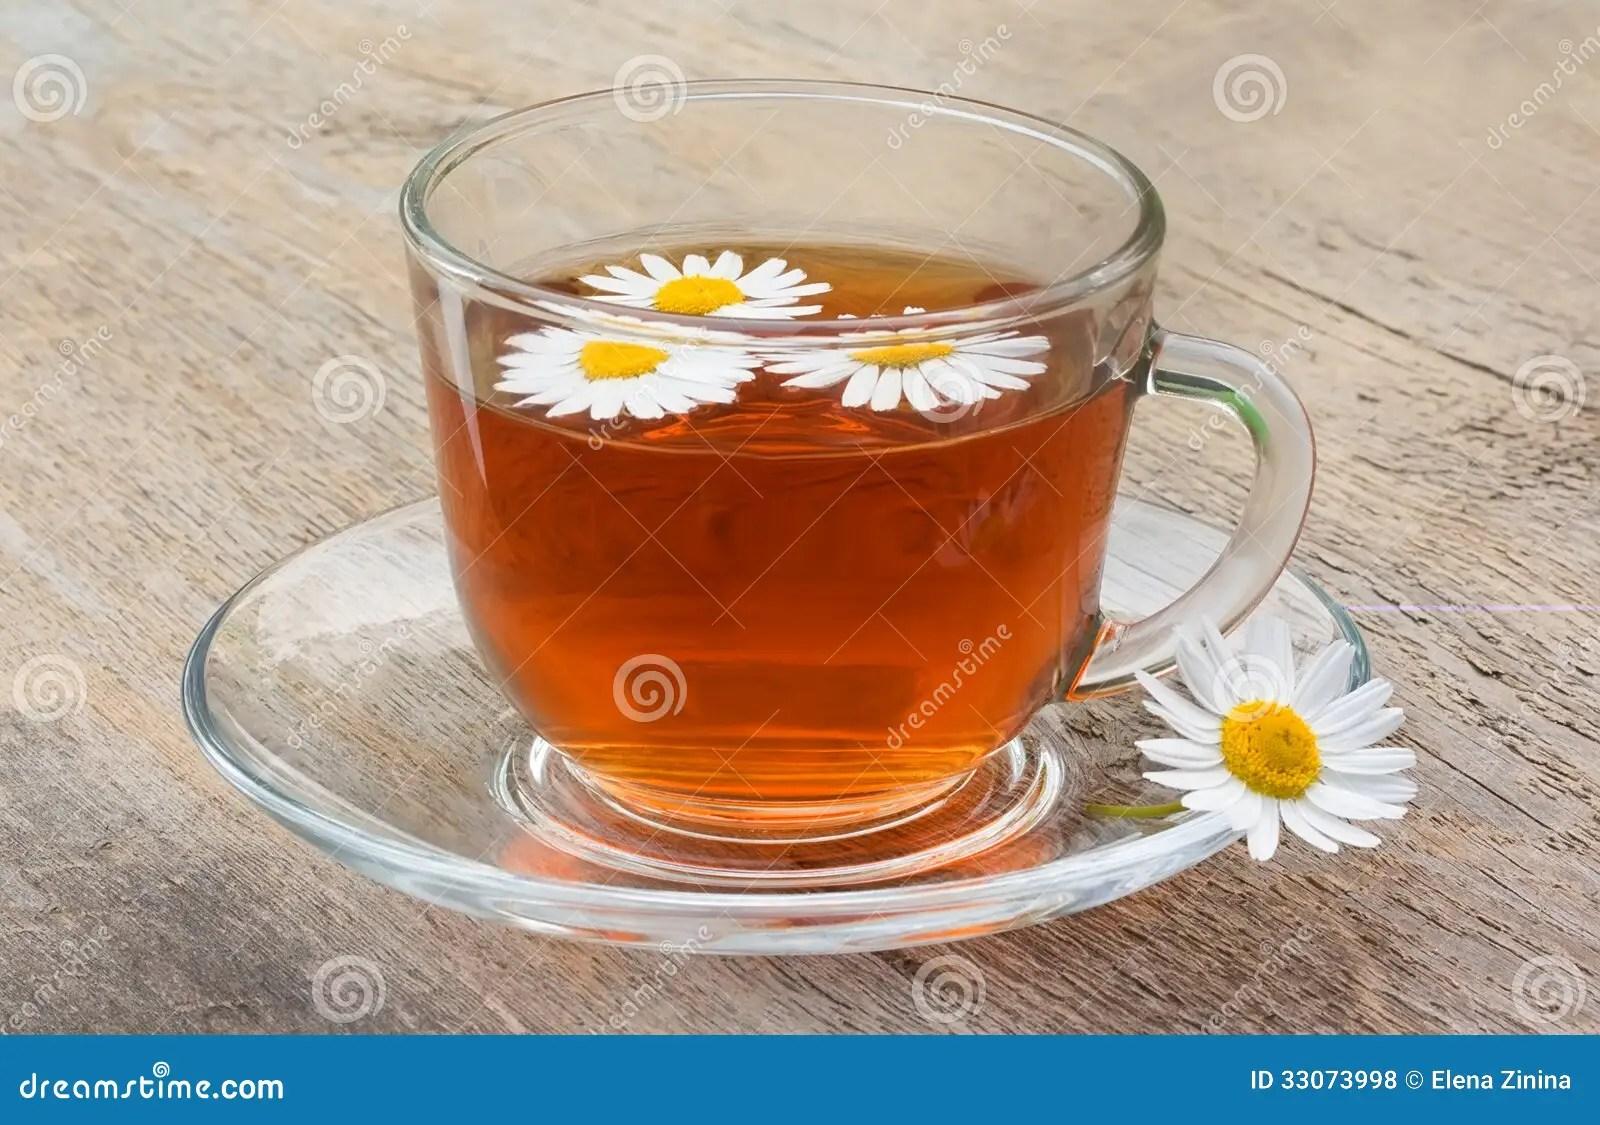 https://i0.wp.com/thumbs.dreamstime.com/z/tasse-de-th%C3%A9-sur-la-vieille-table-en-bois-avec-des-fleurs-de-camomille-33073998.jpg